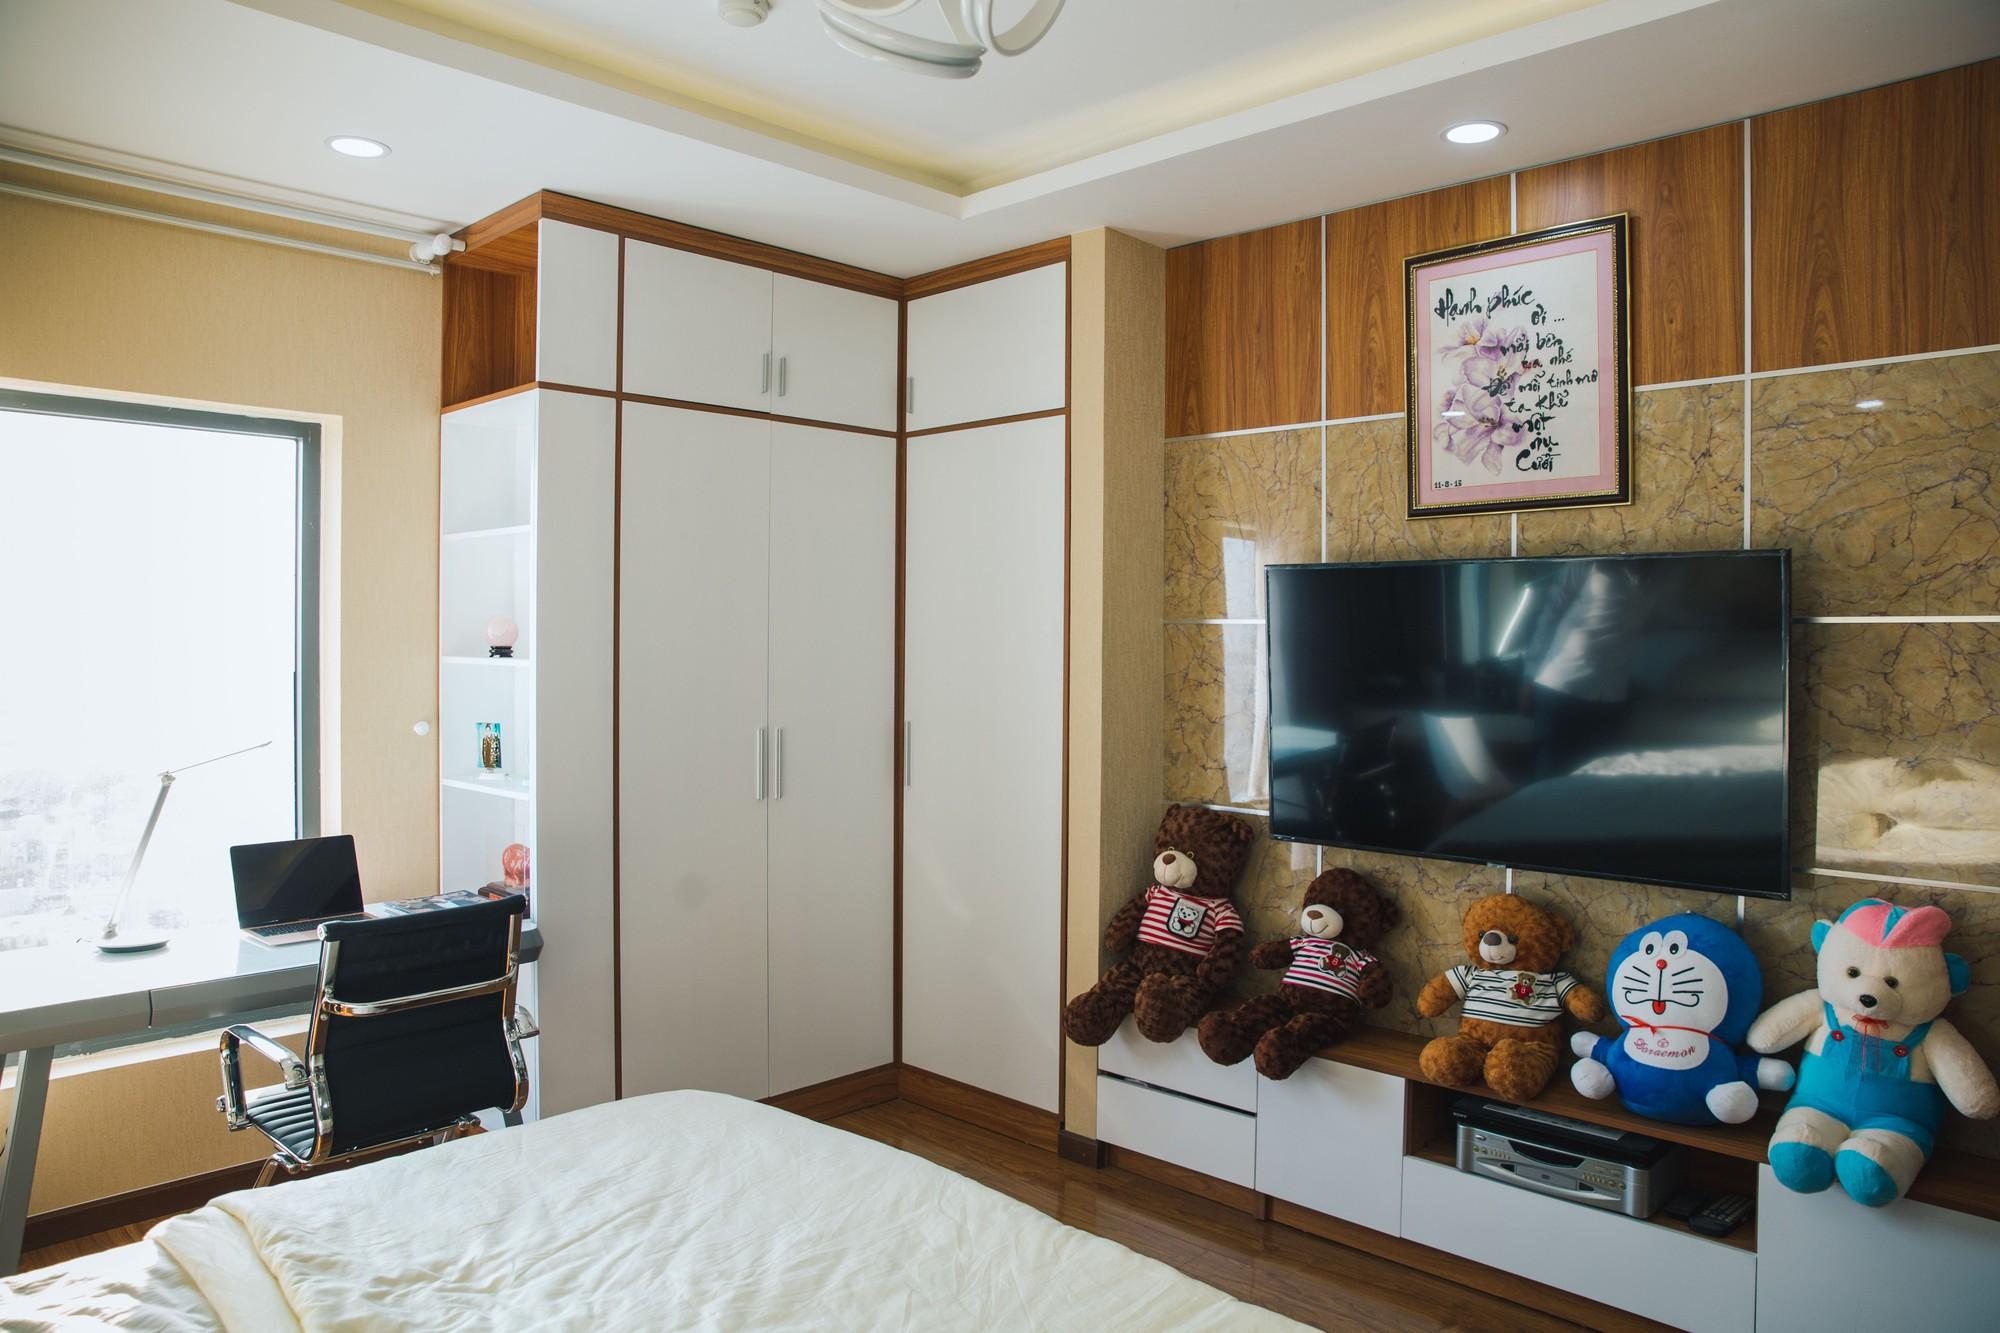 Diễn viên Minh Luân tự hào khoe căn hộ rộng 100 m2 sau 10 năm lập nghiệp ở TP HCM  - Ảnh 11.